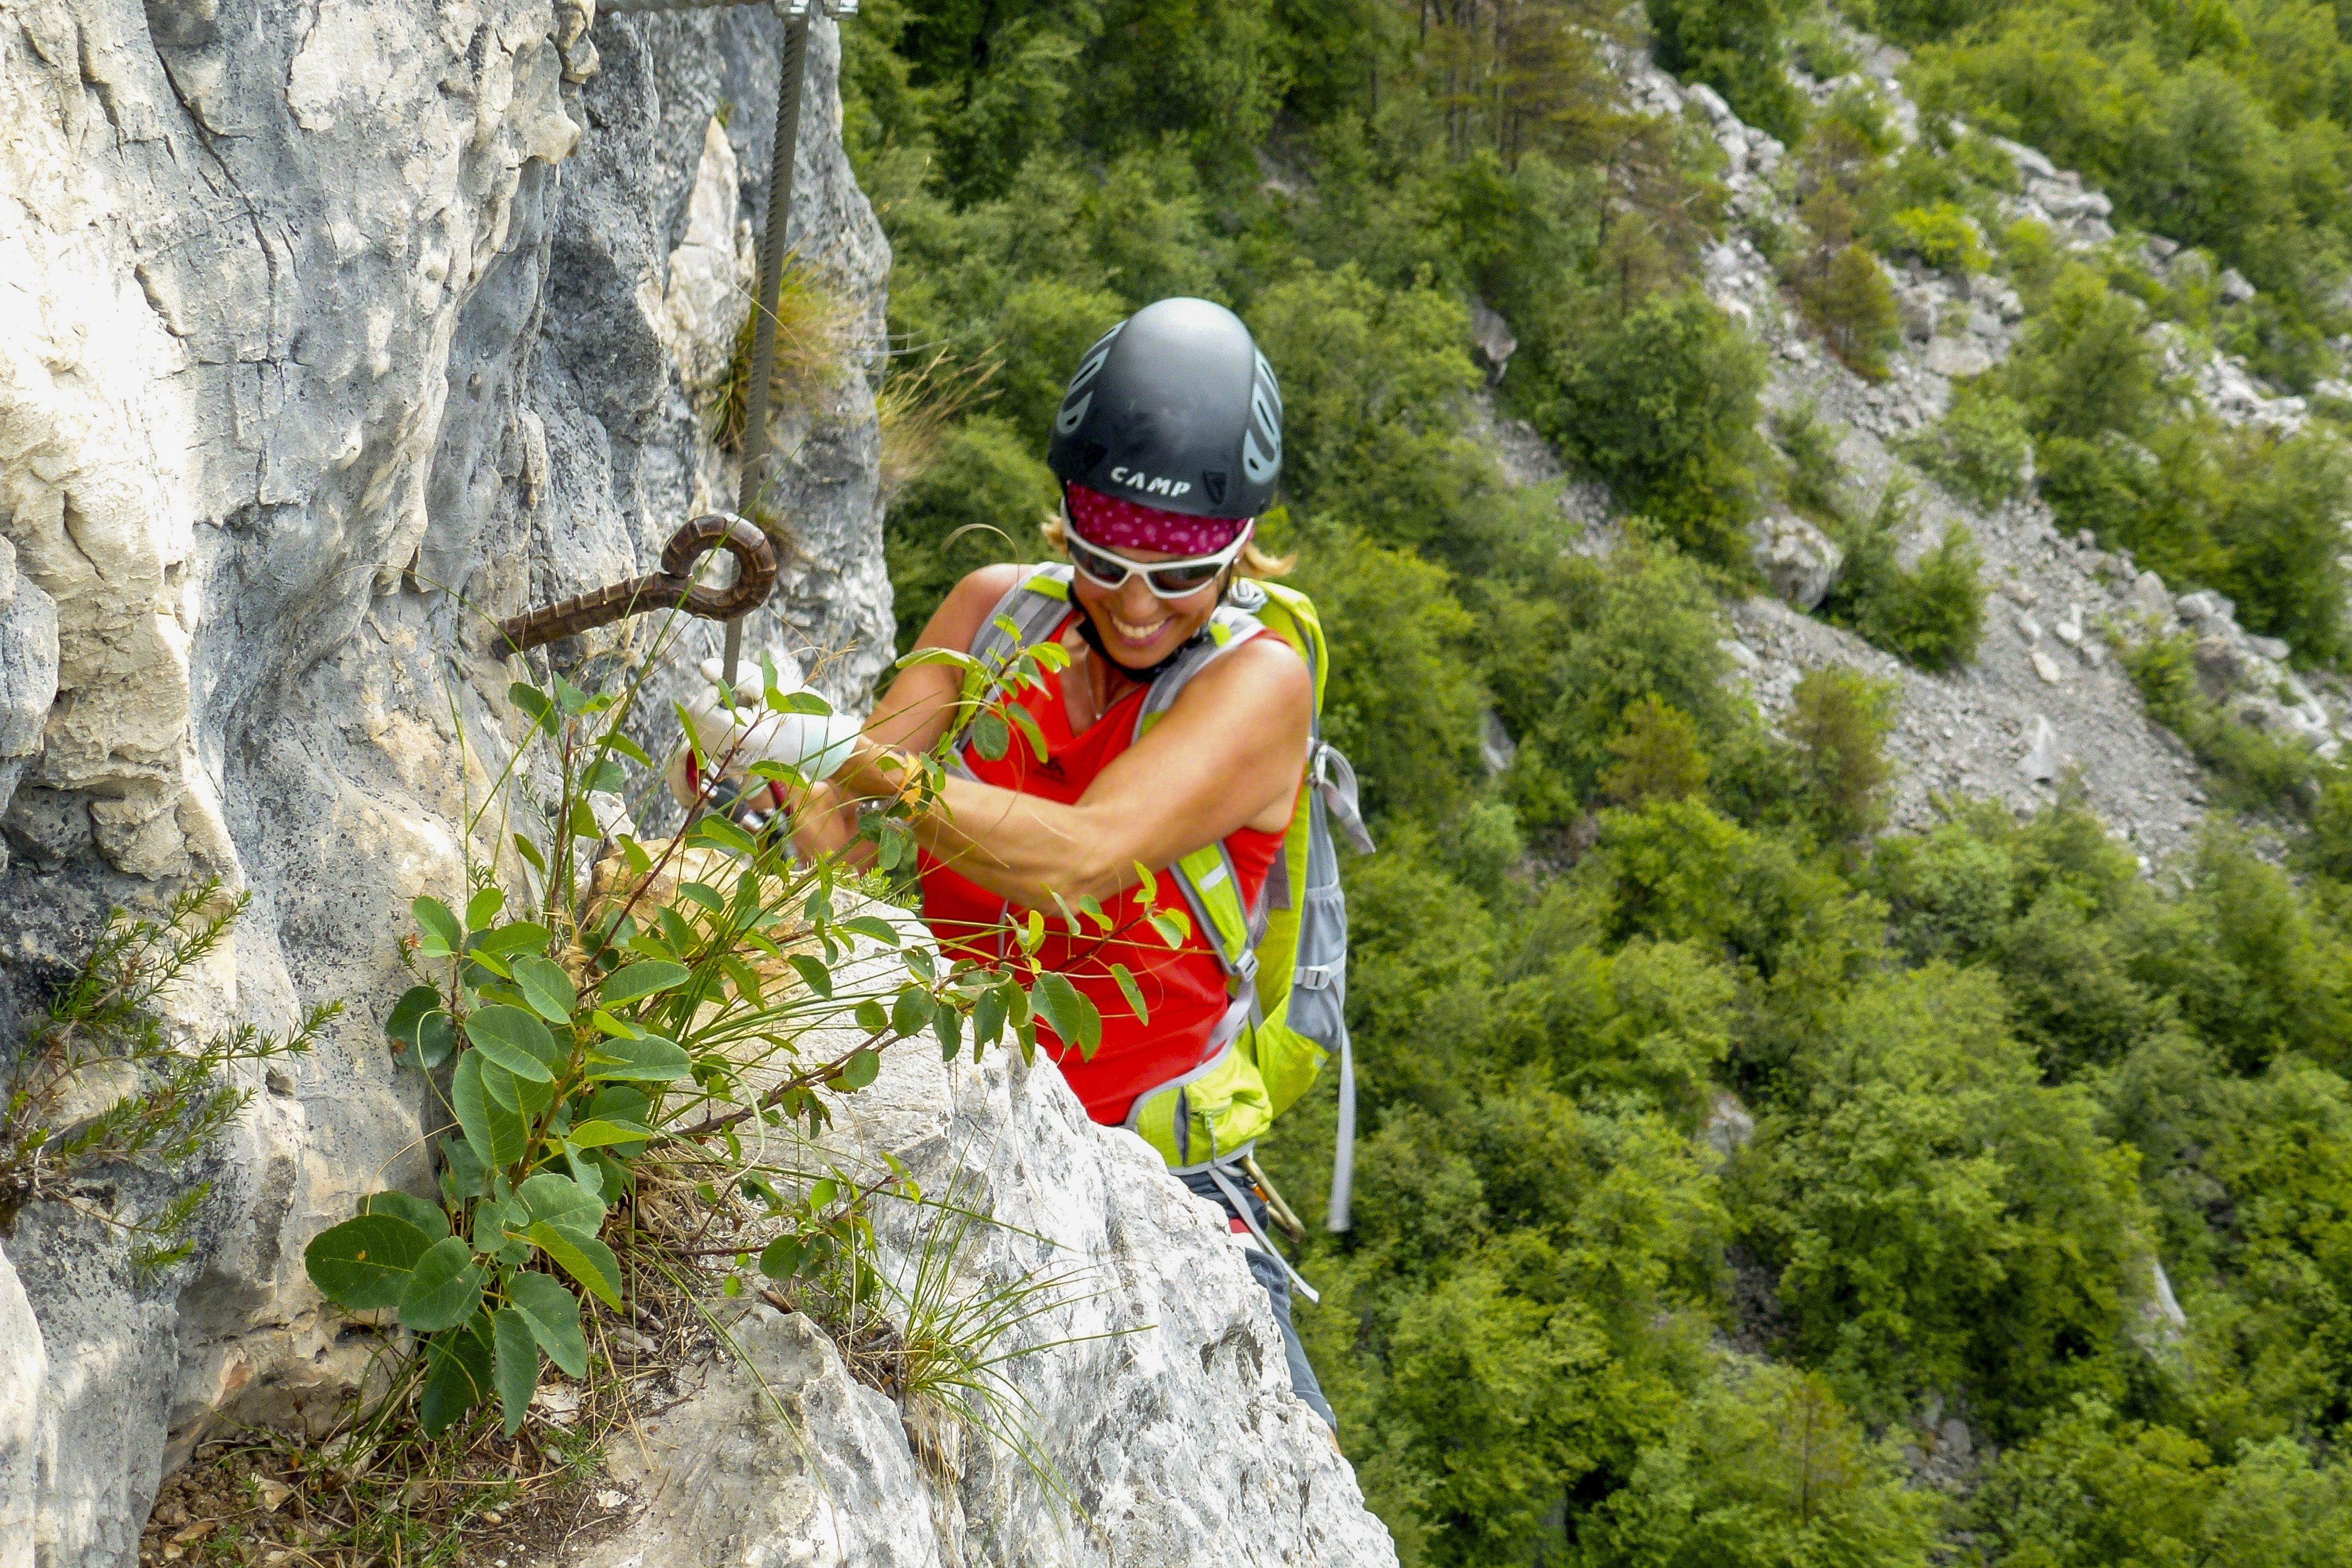 Hindelanger Klettersteig Unfall : Dolomiten pisciadu klettersteig focus online